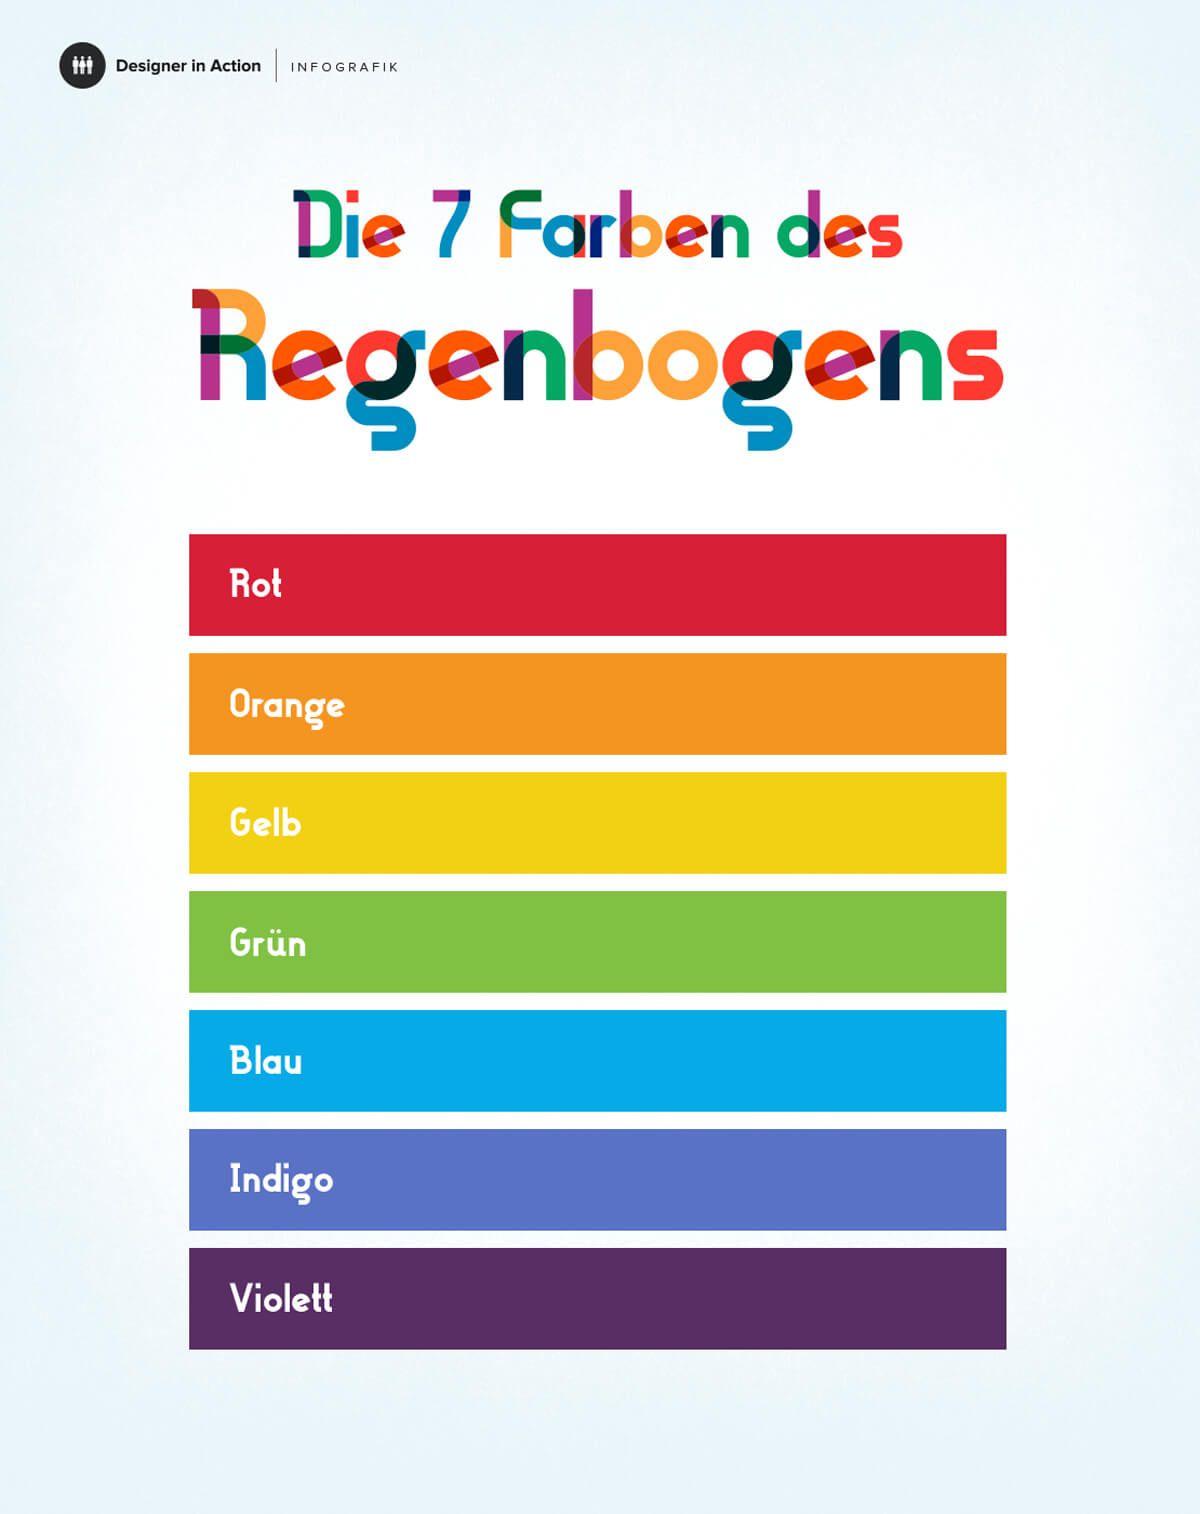 Die 7 Farben Des Regenbogens Als Infografik Regenbogen Regenbogenfarben Regenbogen Farben Regenbogen Regenbogenfarben